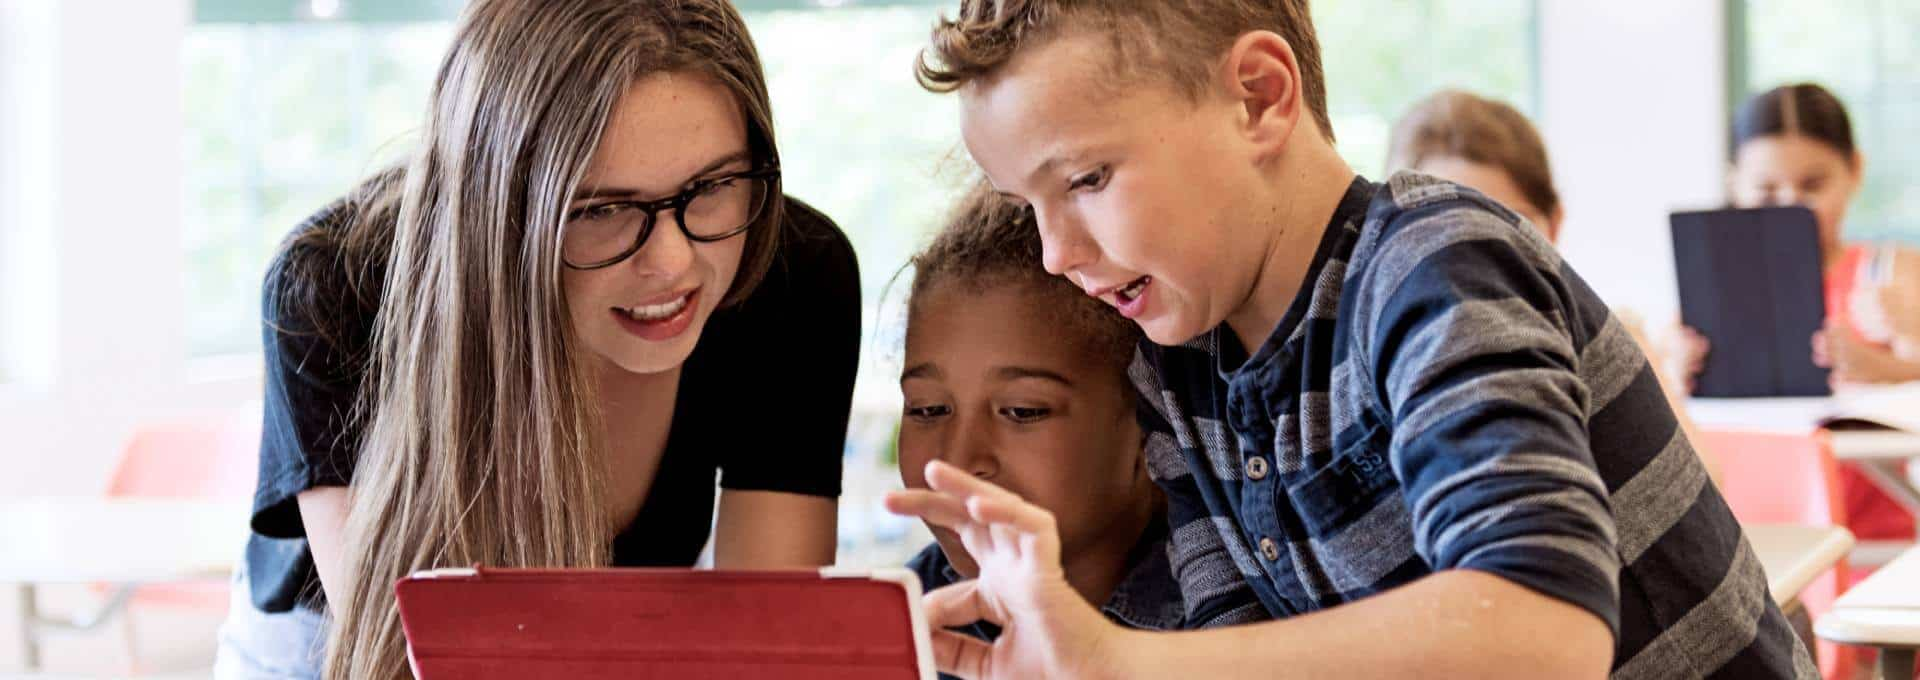 DQ Solutions über Microsoft 365 für iPad in der Schule